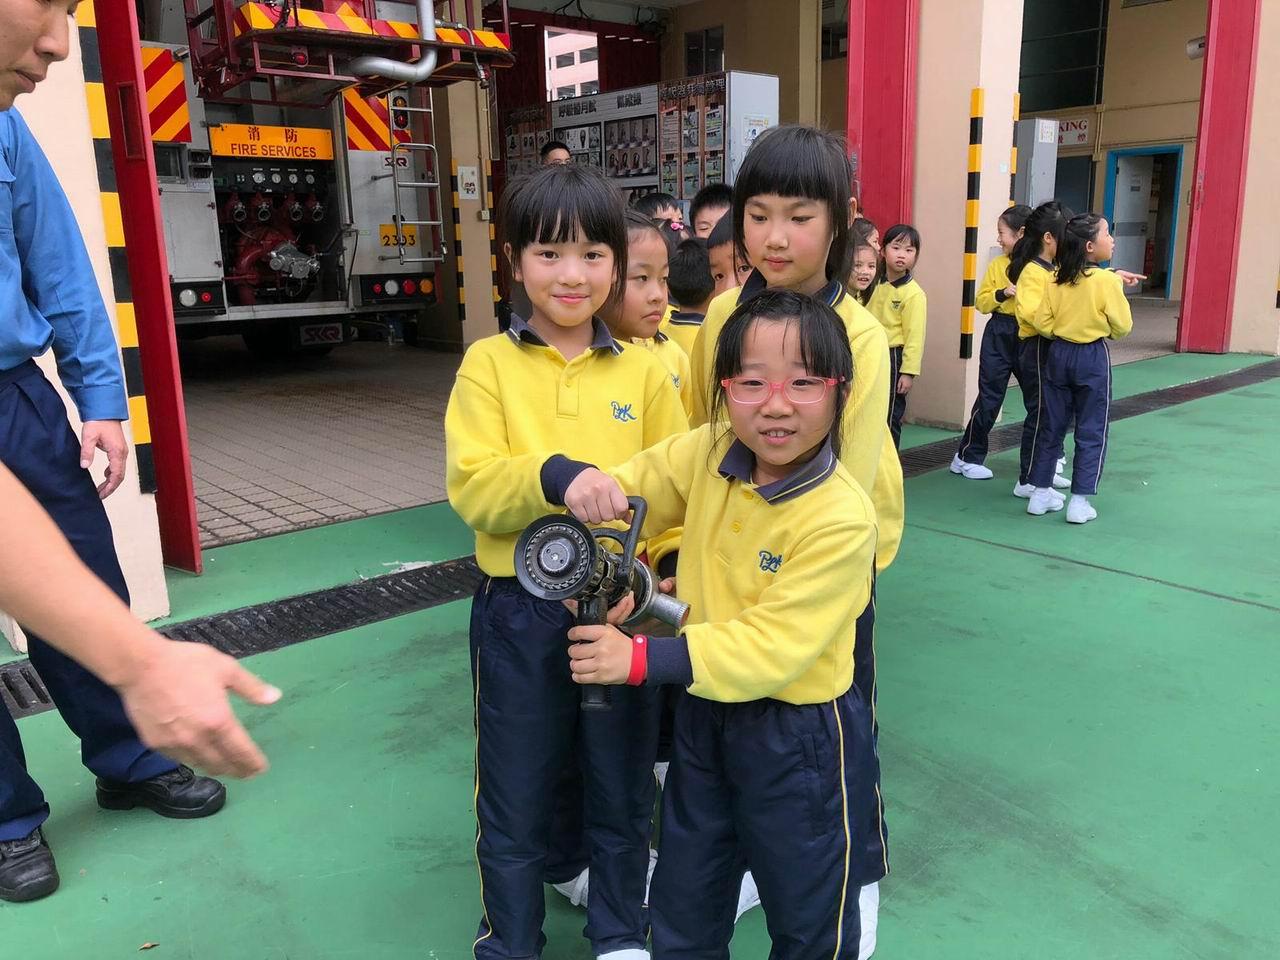 https://plkcjy.edu.hk/sites/default/files/img-20190220-wa0038.jpg